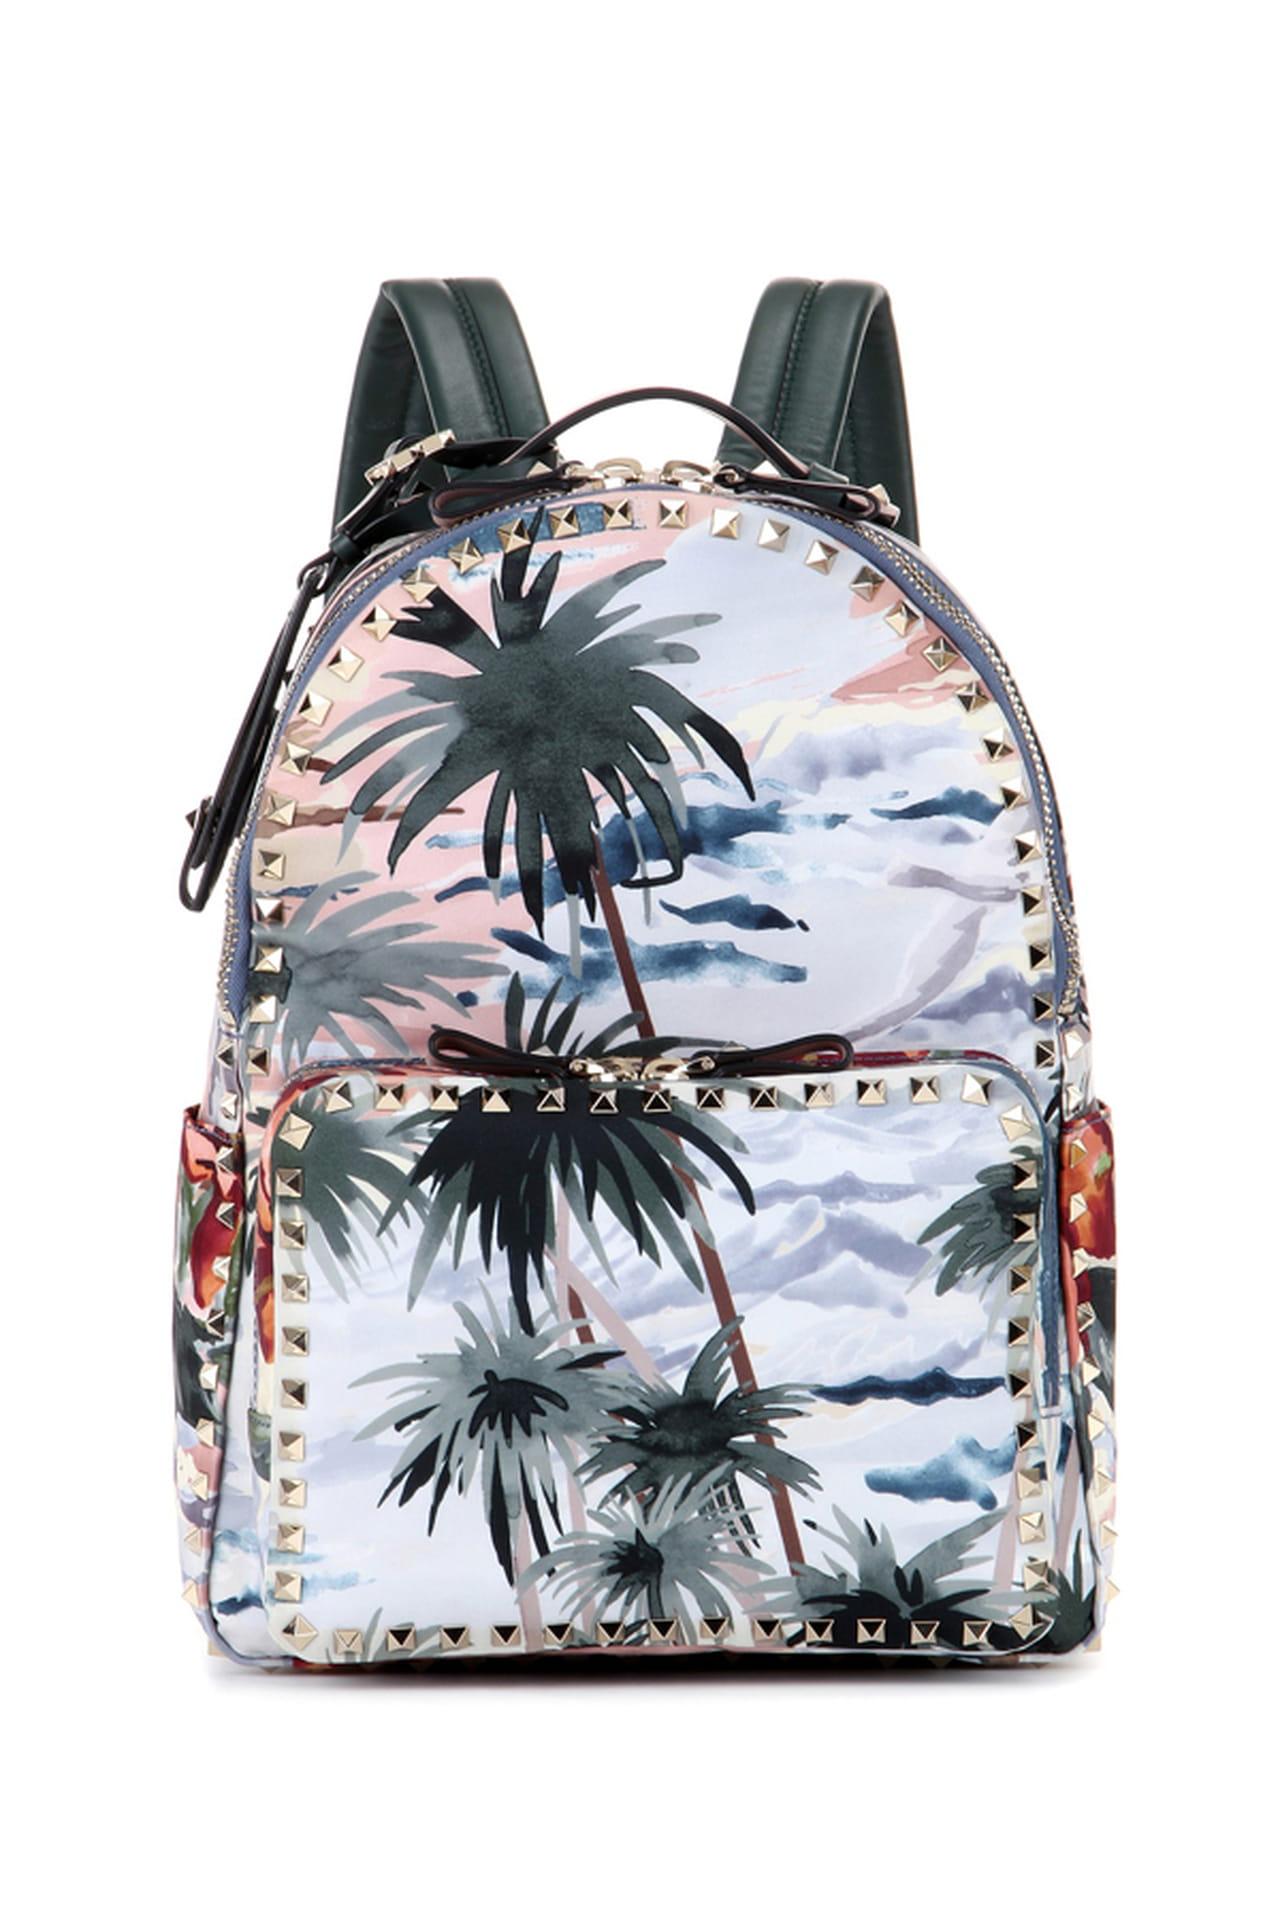 شنط الـ Backpack موضة الصيف 1199111.jpg